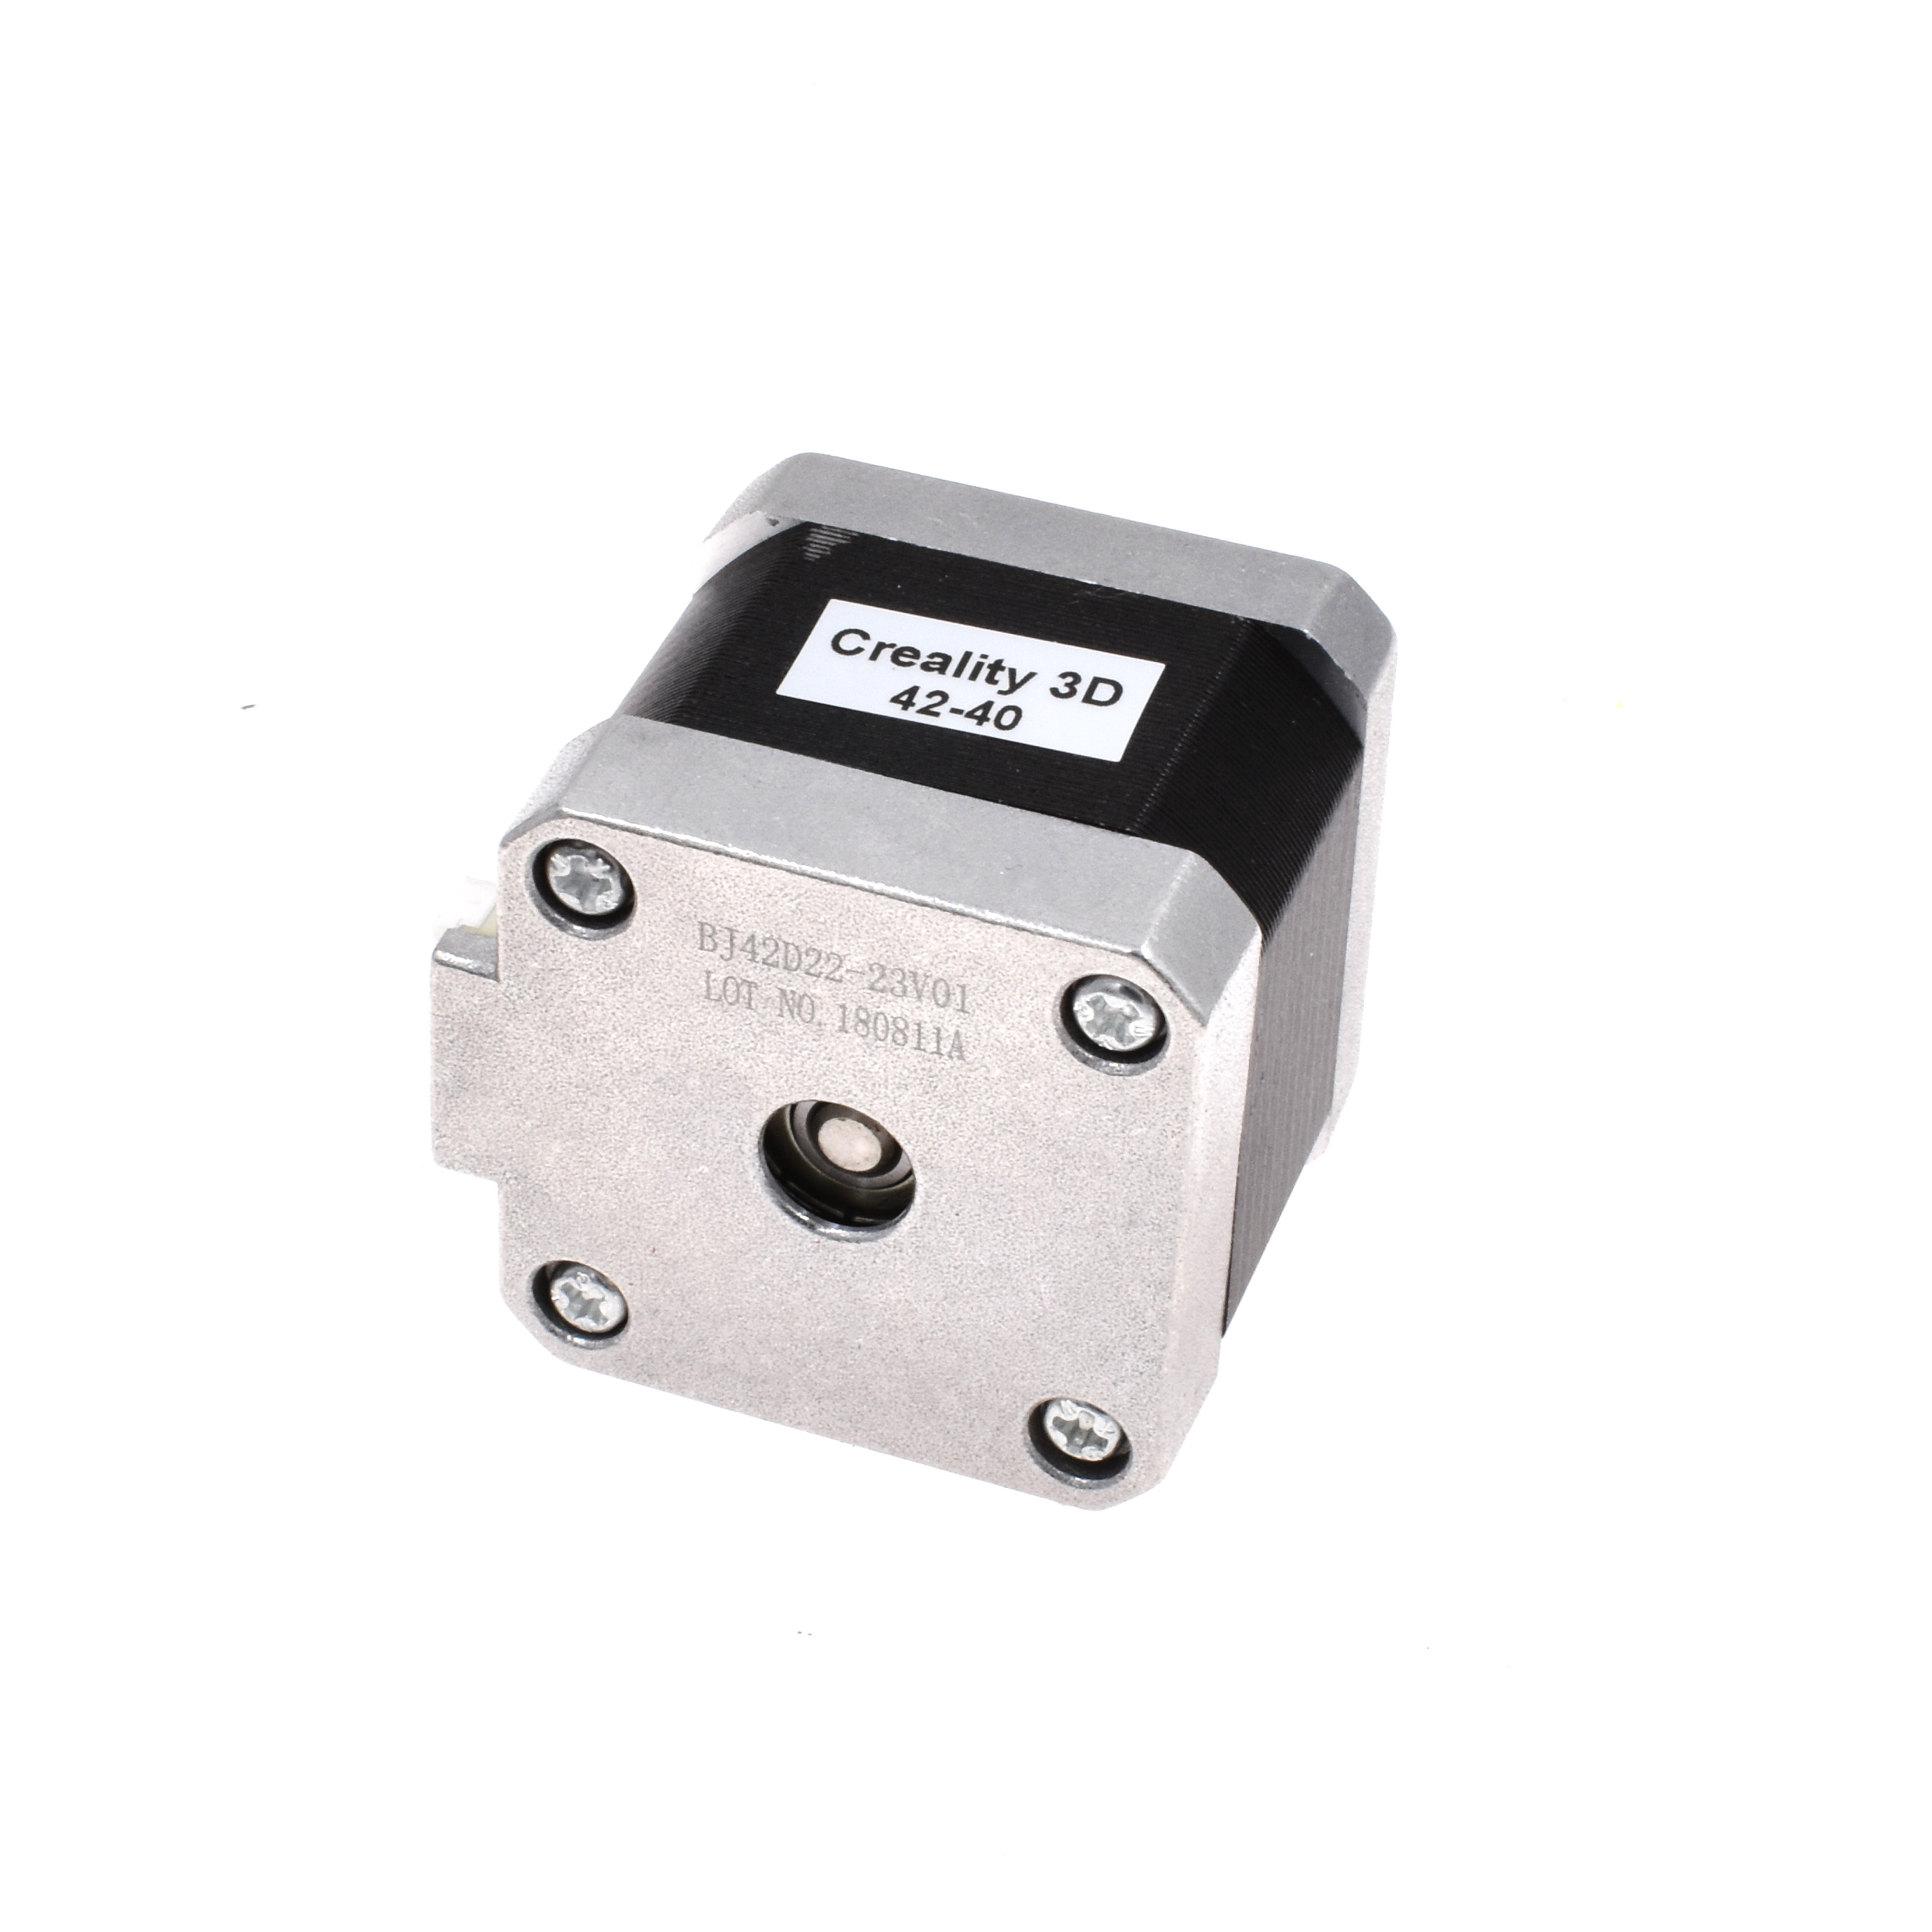 RepRap Stepper Motor 42-40 Stepper Motor 40mm motor For Makerbot 3D Printer